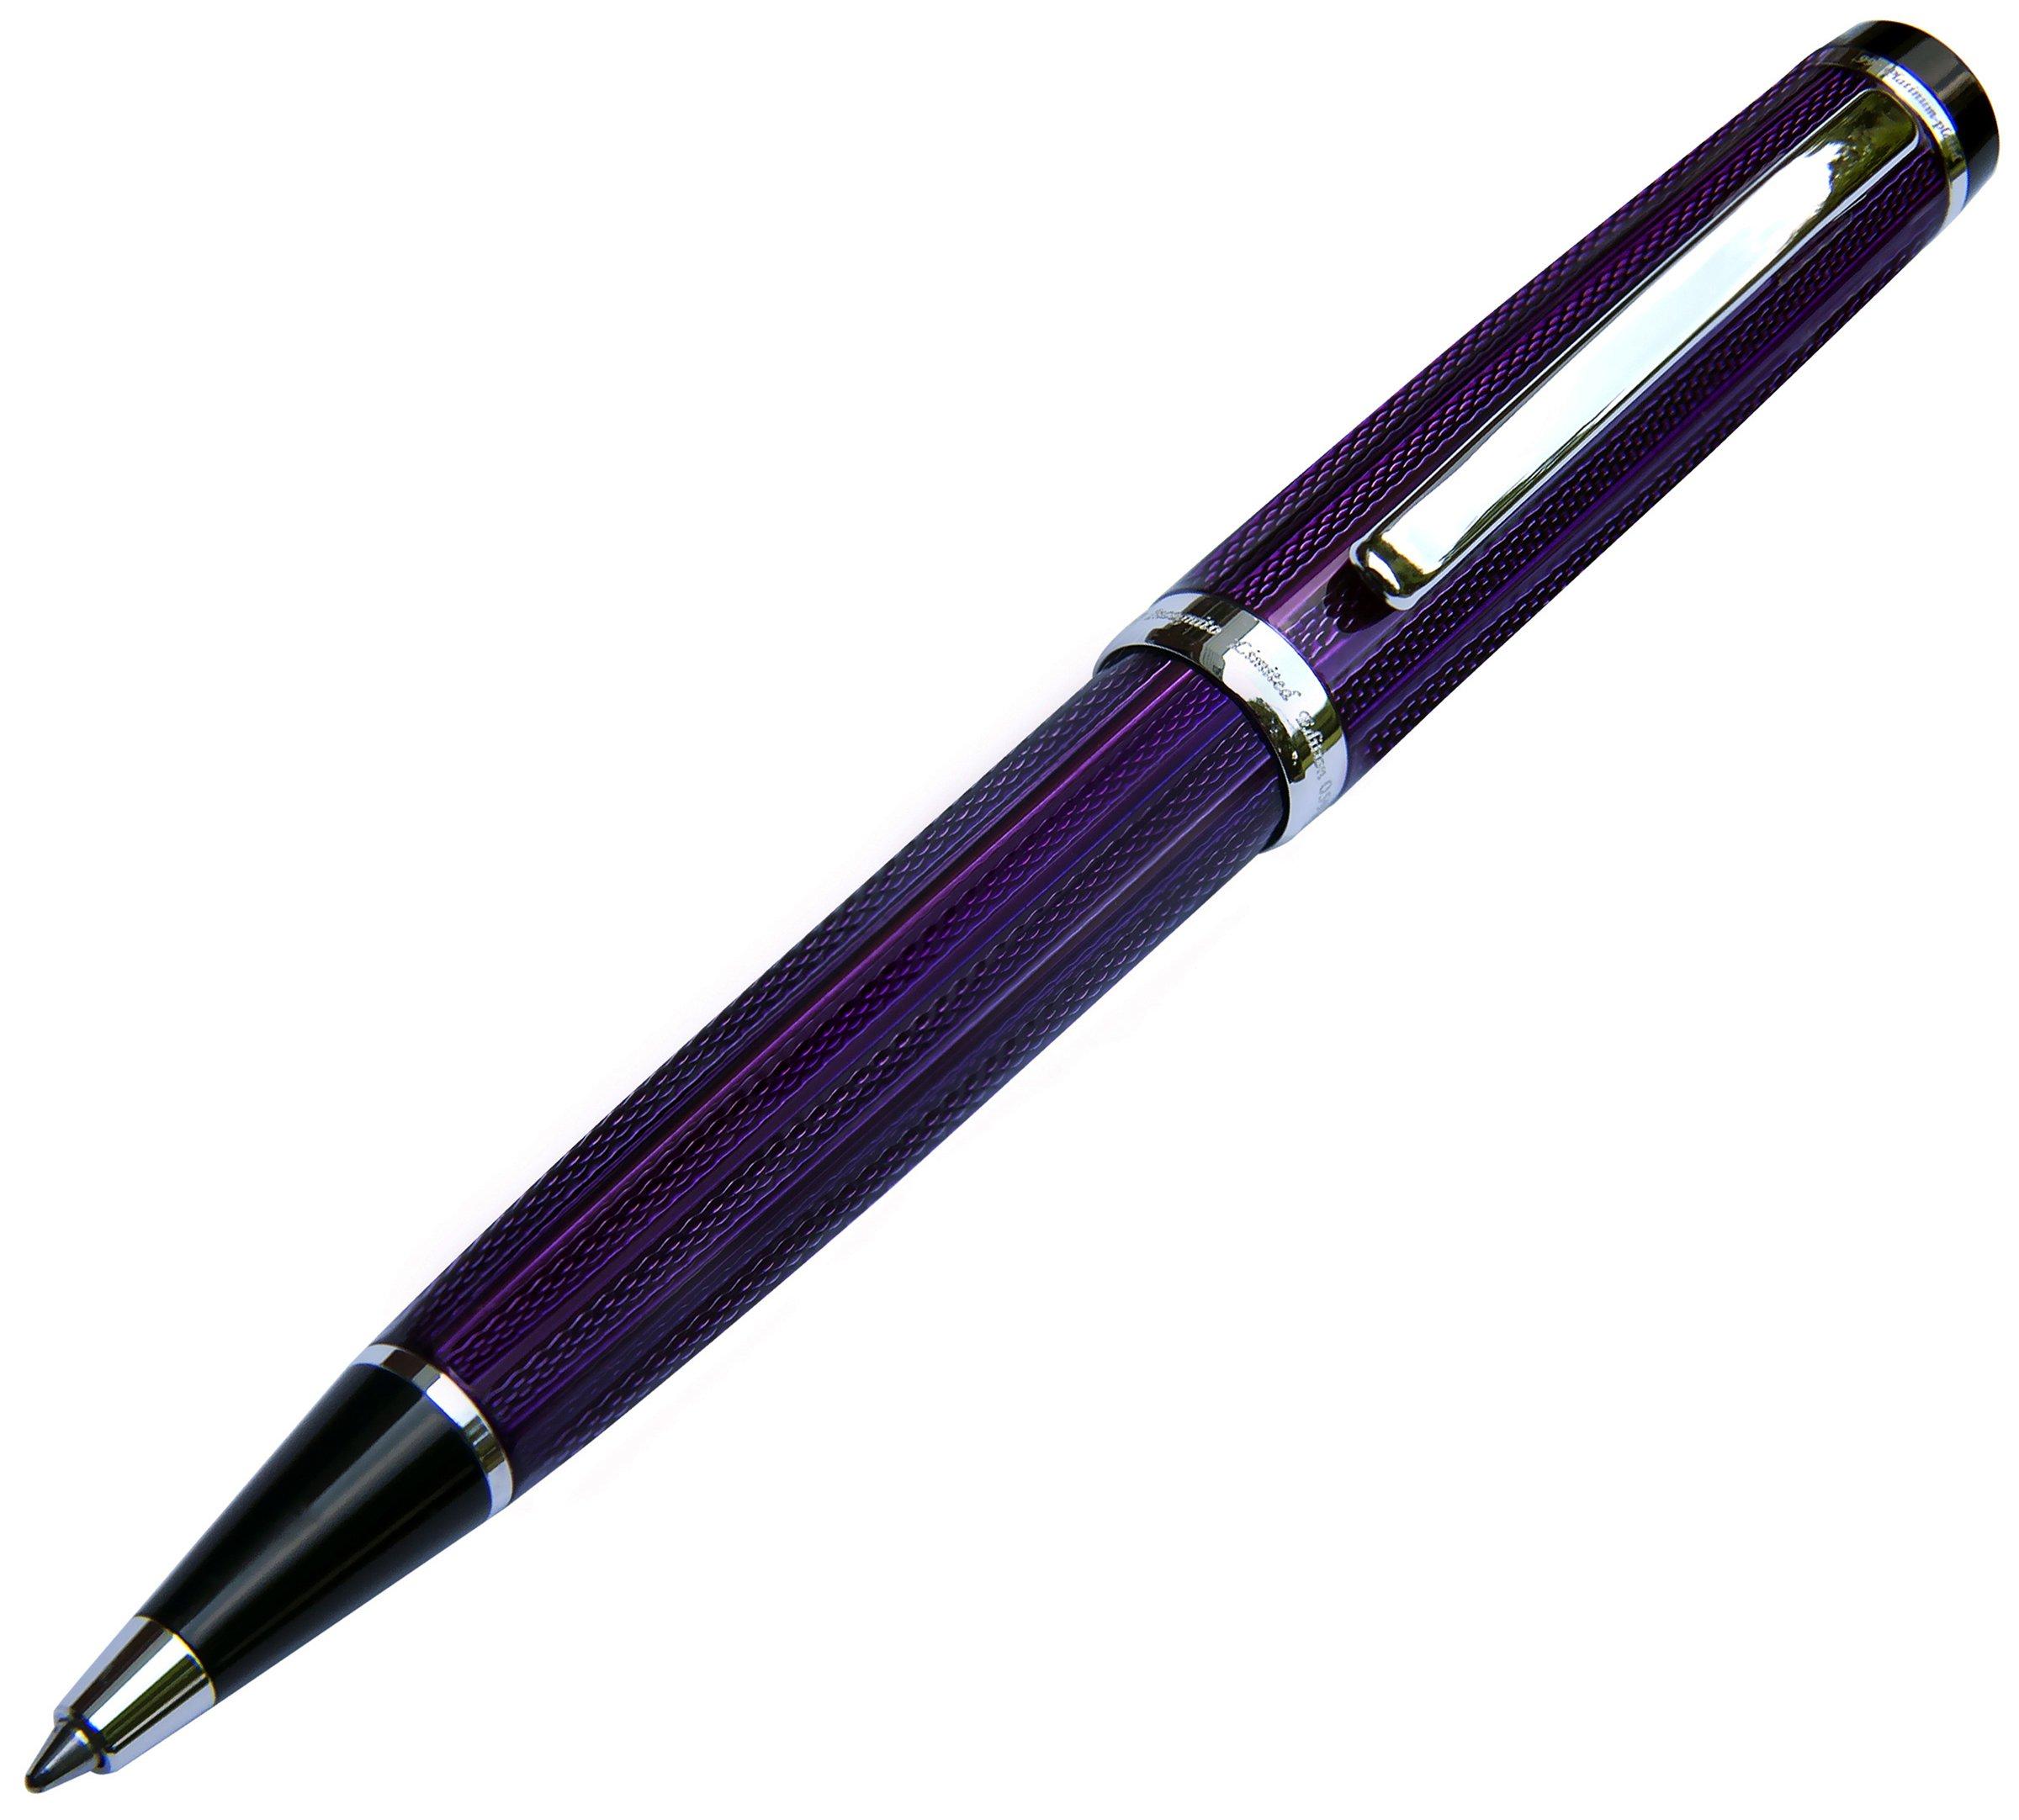 Xezo Incognito Brass Ballpoint Pen in Purple Metallic Color,